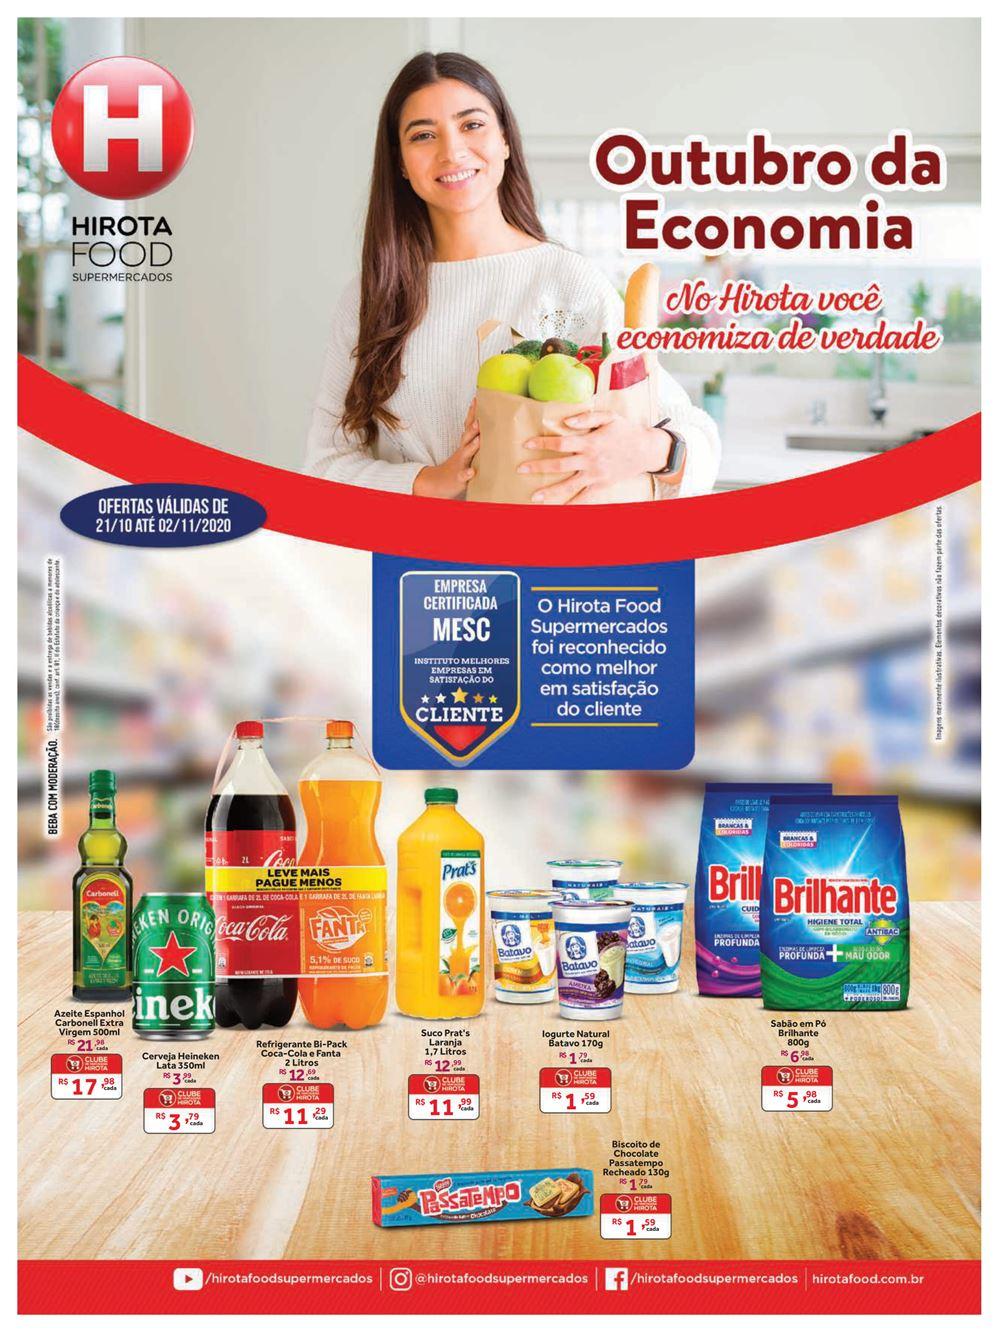 hirota-ofertas-descontos-hoje1-5 Ofertas de supermercados - Economize